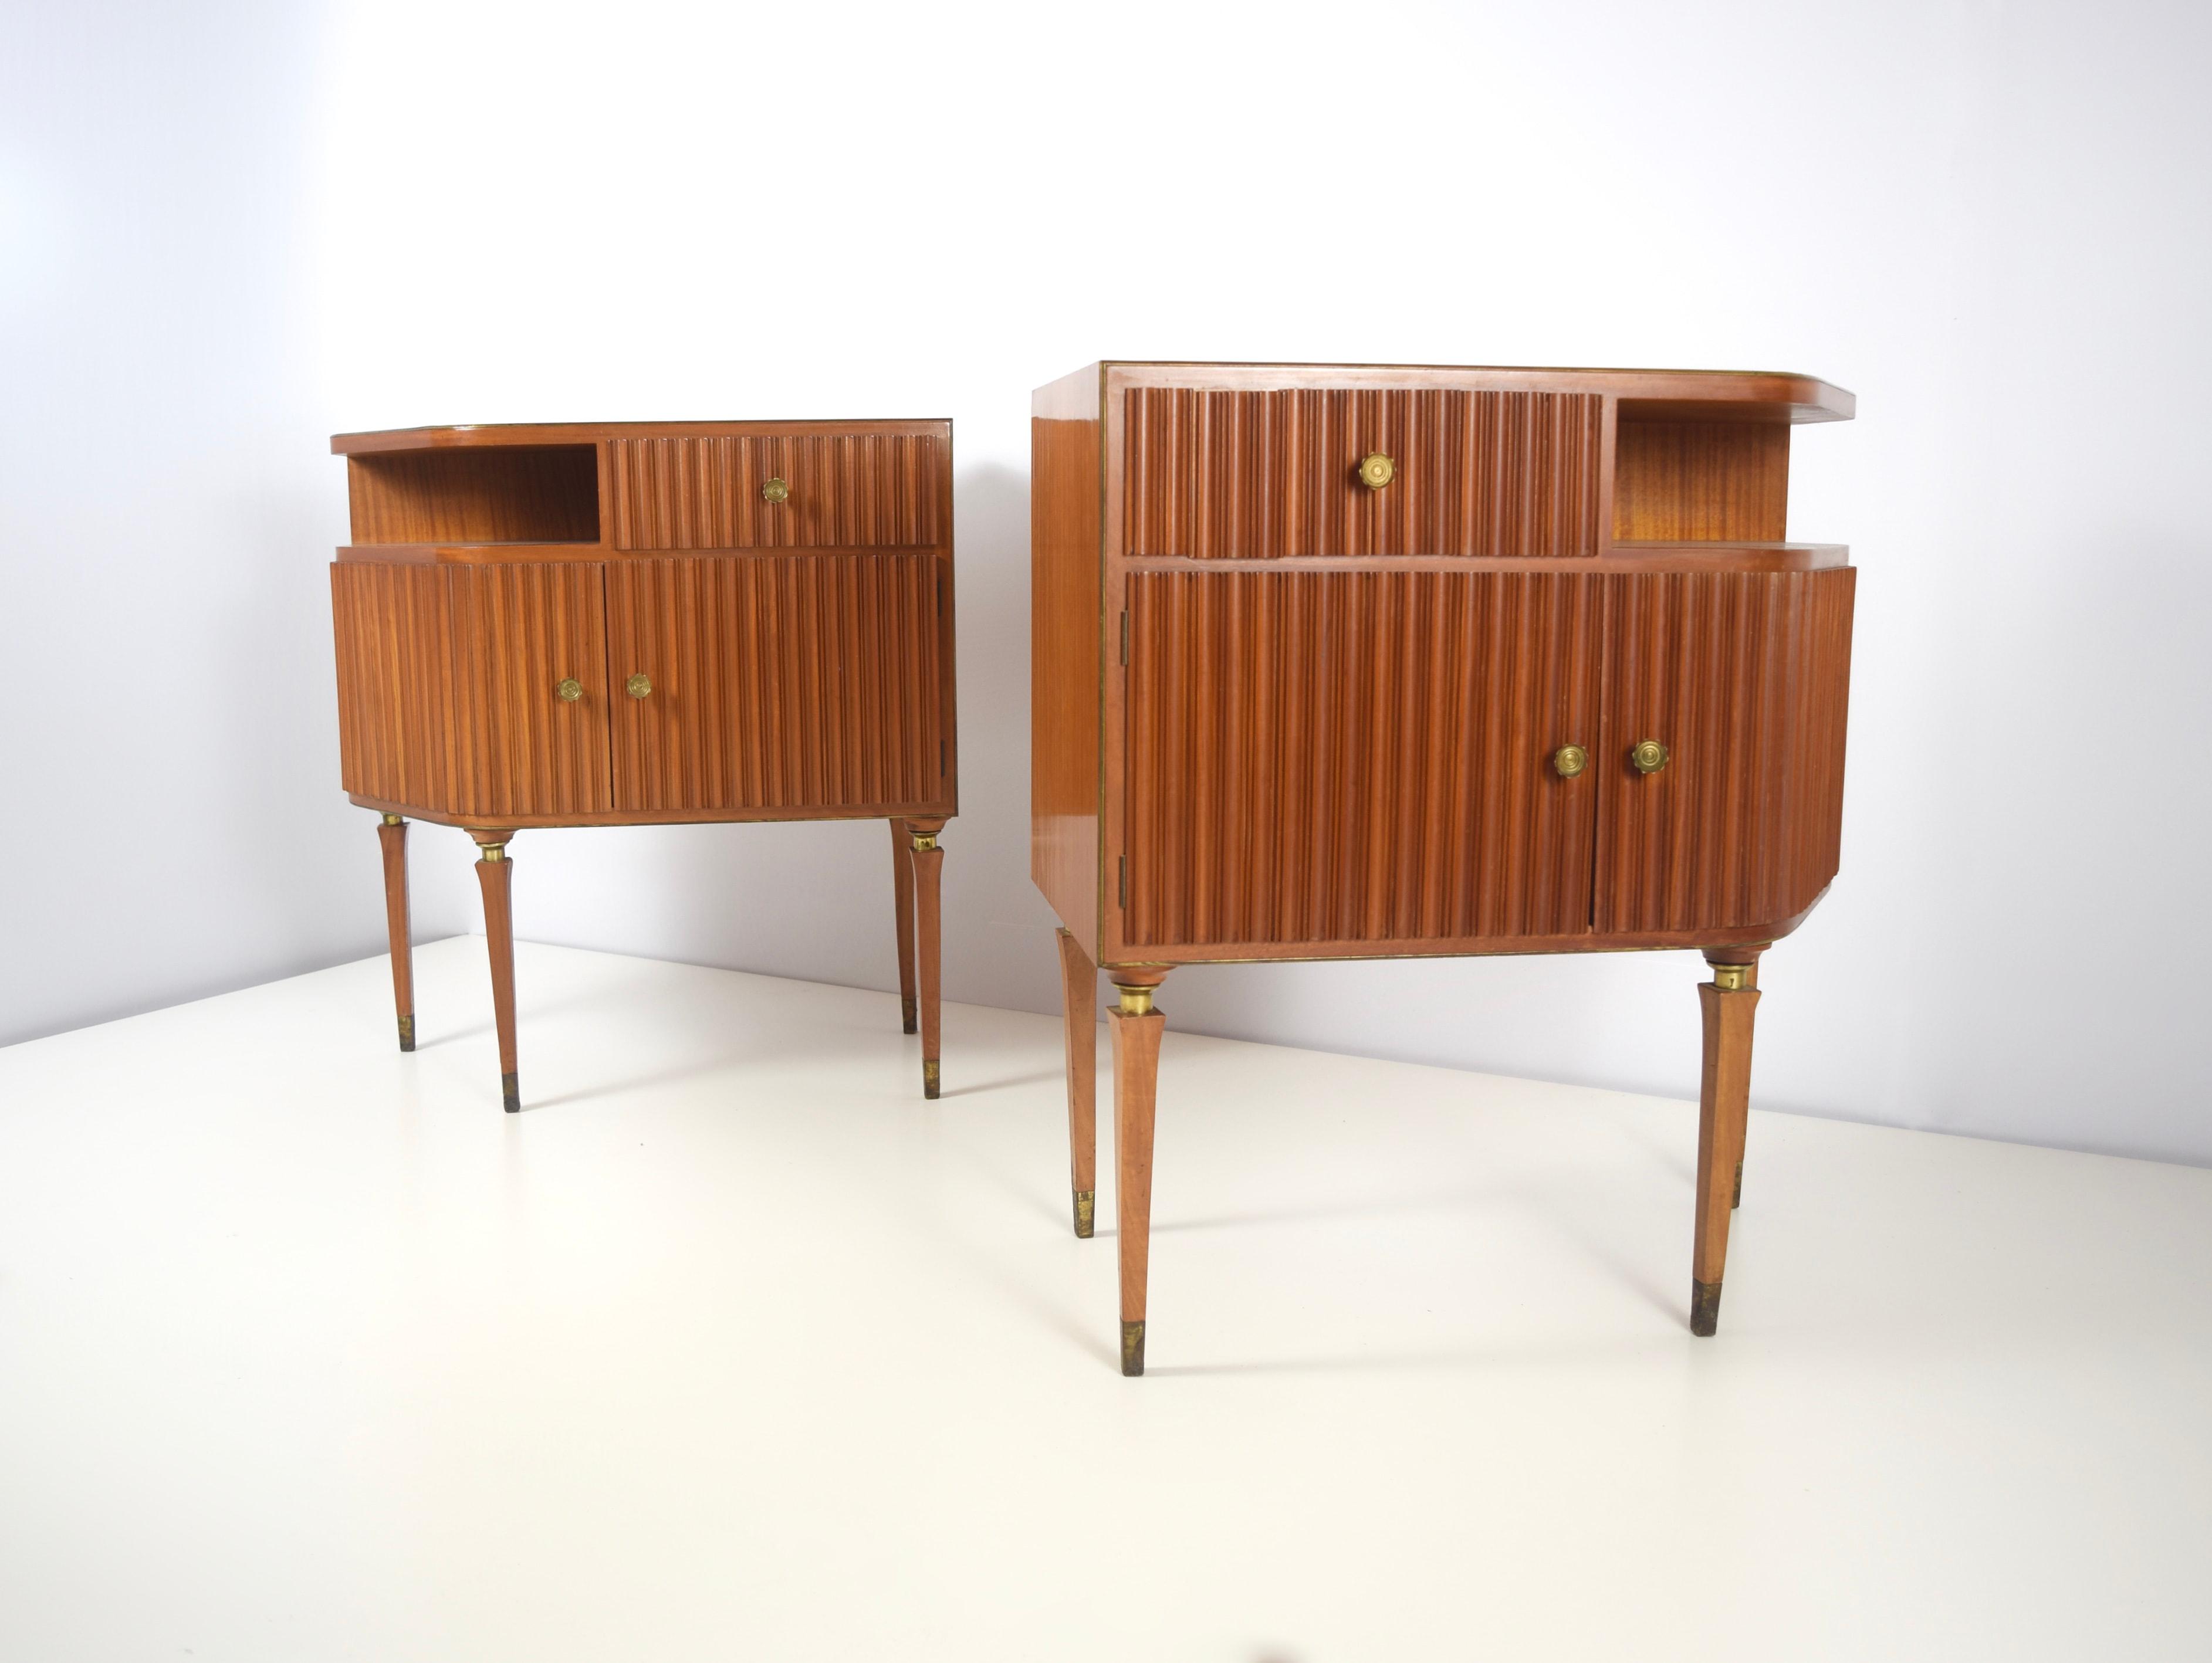 Mahogany and Brass Bedside Tables by Paolo Buffa, Italy 1950's